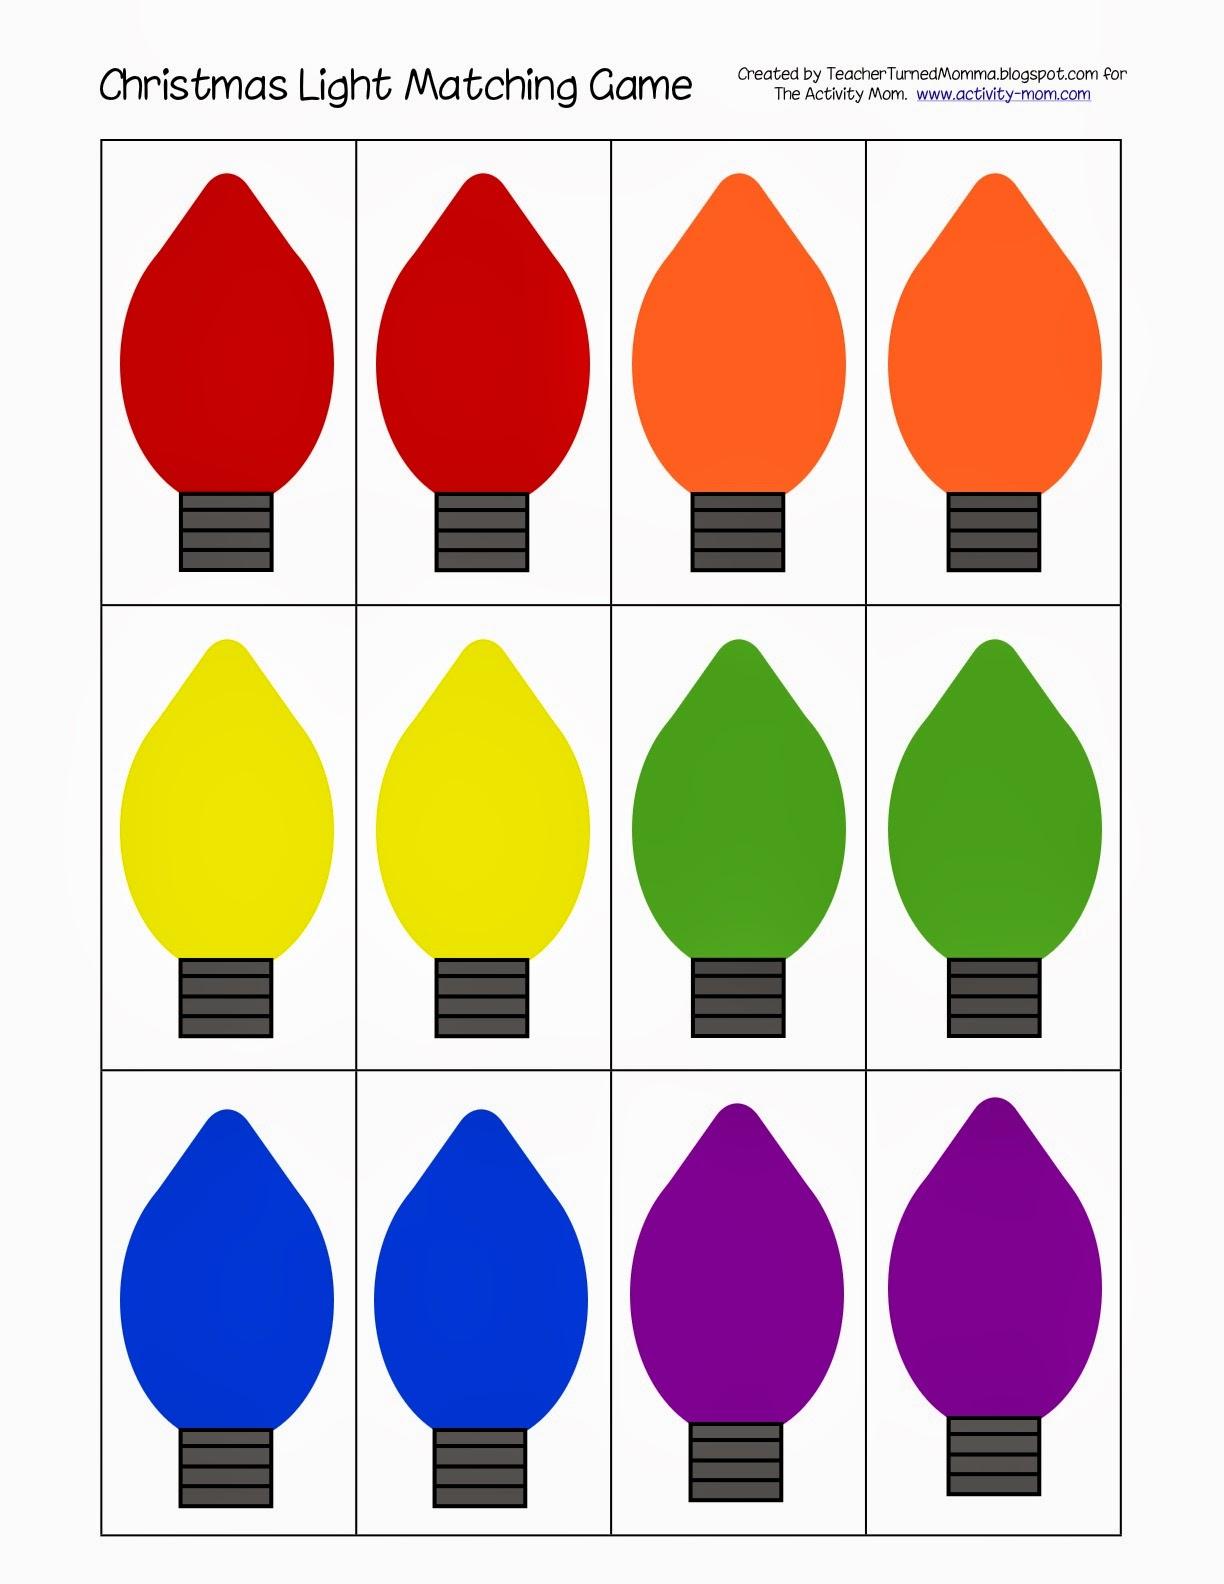 Christmas Light Matching (printable).